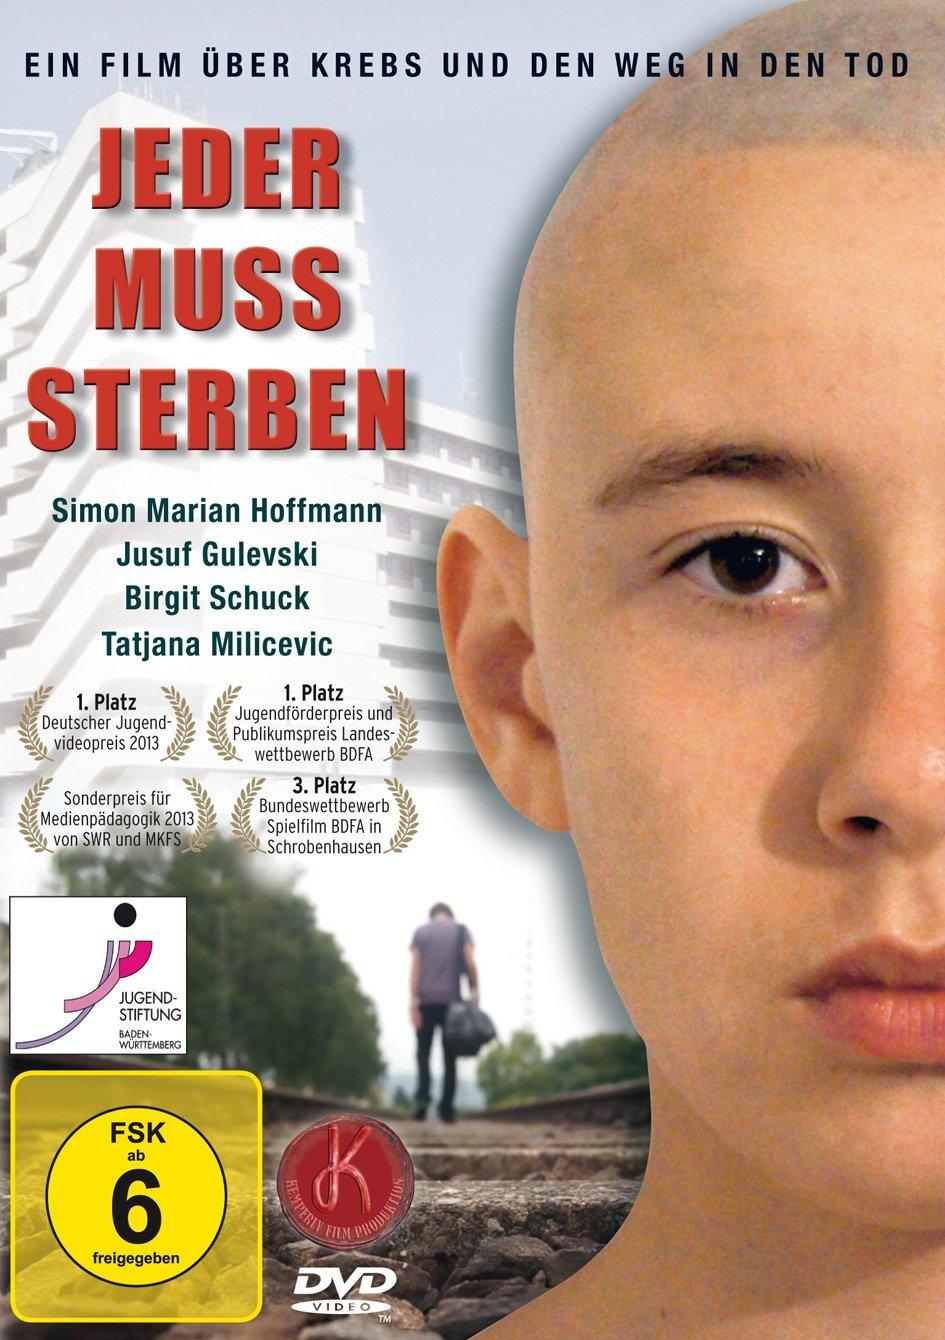 Jeder-muss-Sterben-dvd-neu-ovp-Ein-Film-ueber-Krebs-und-den-Weg-in-den-Tod-Tot